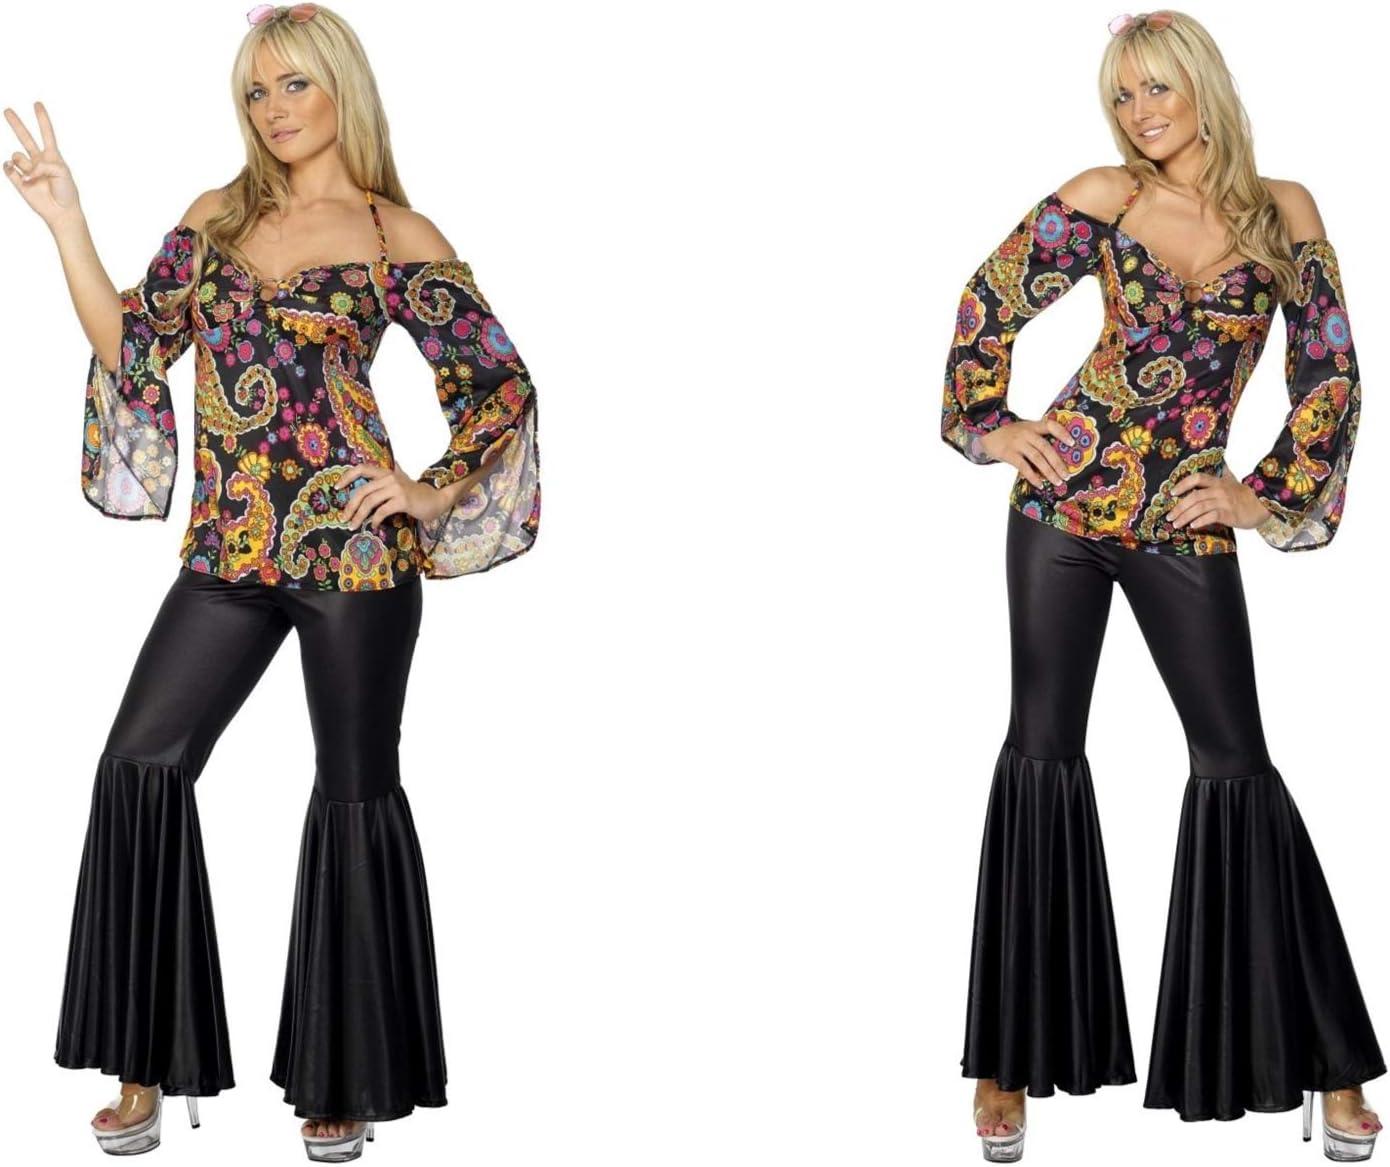 Fancy Dress World – Disfraz de Hippie Chic de los años 60 para ...